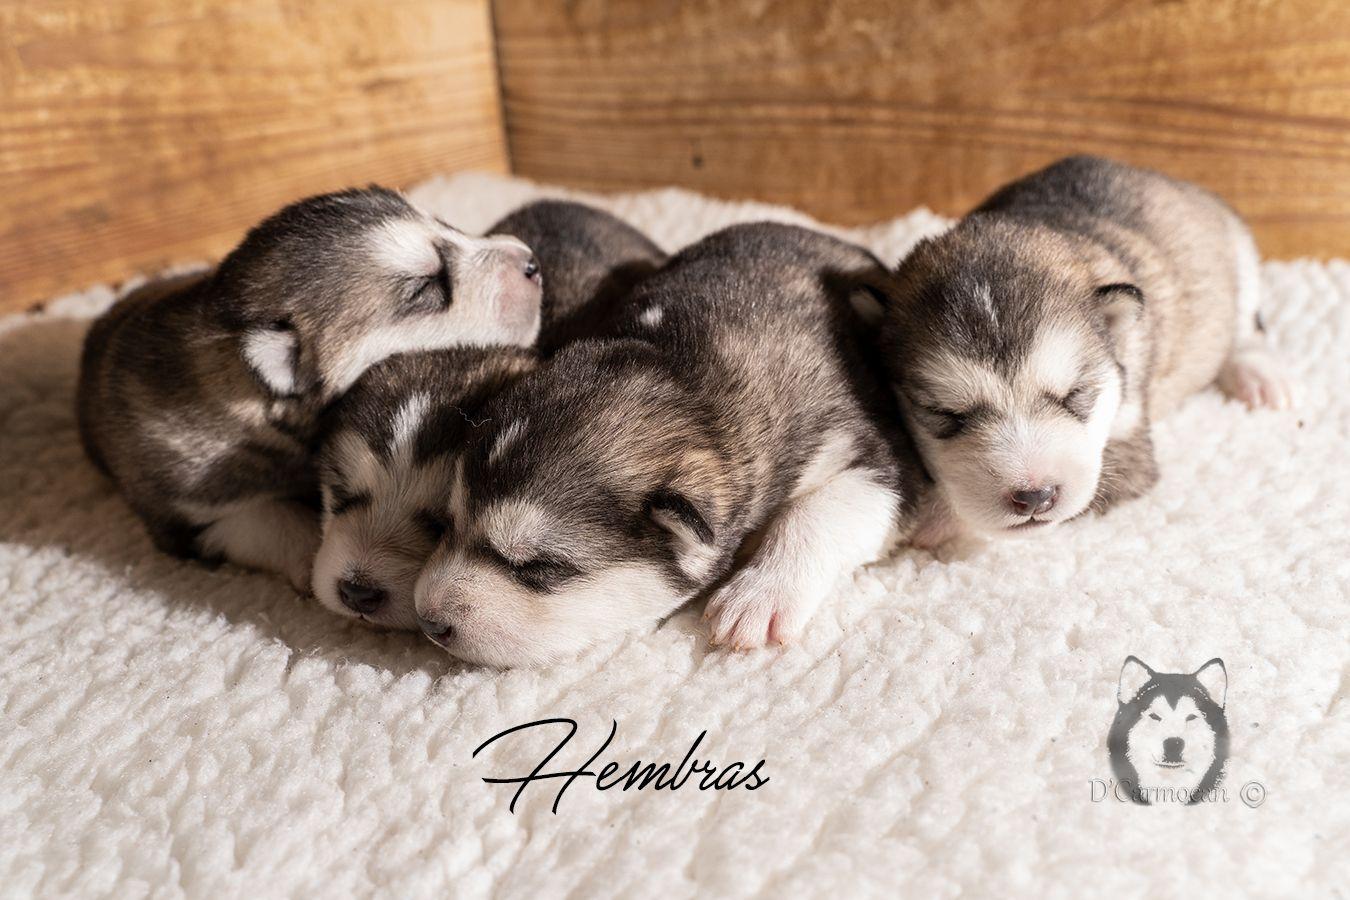 10 dias cachorros dcarmocan